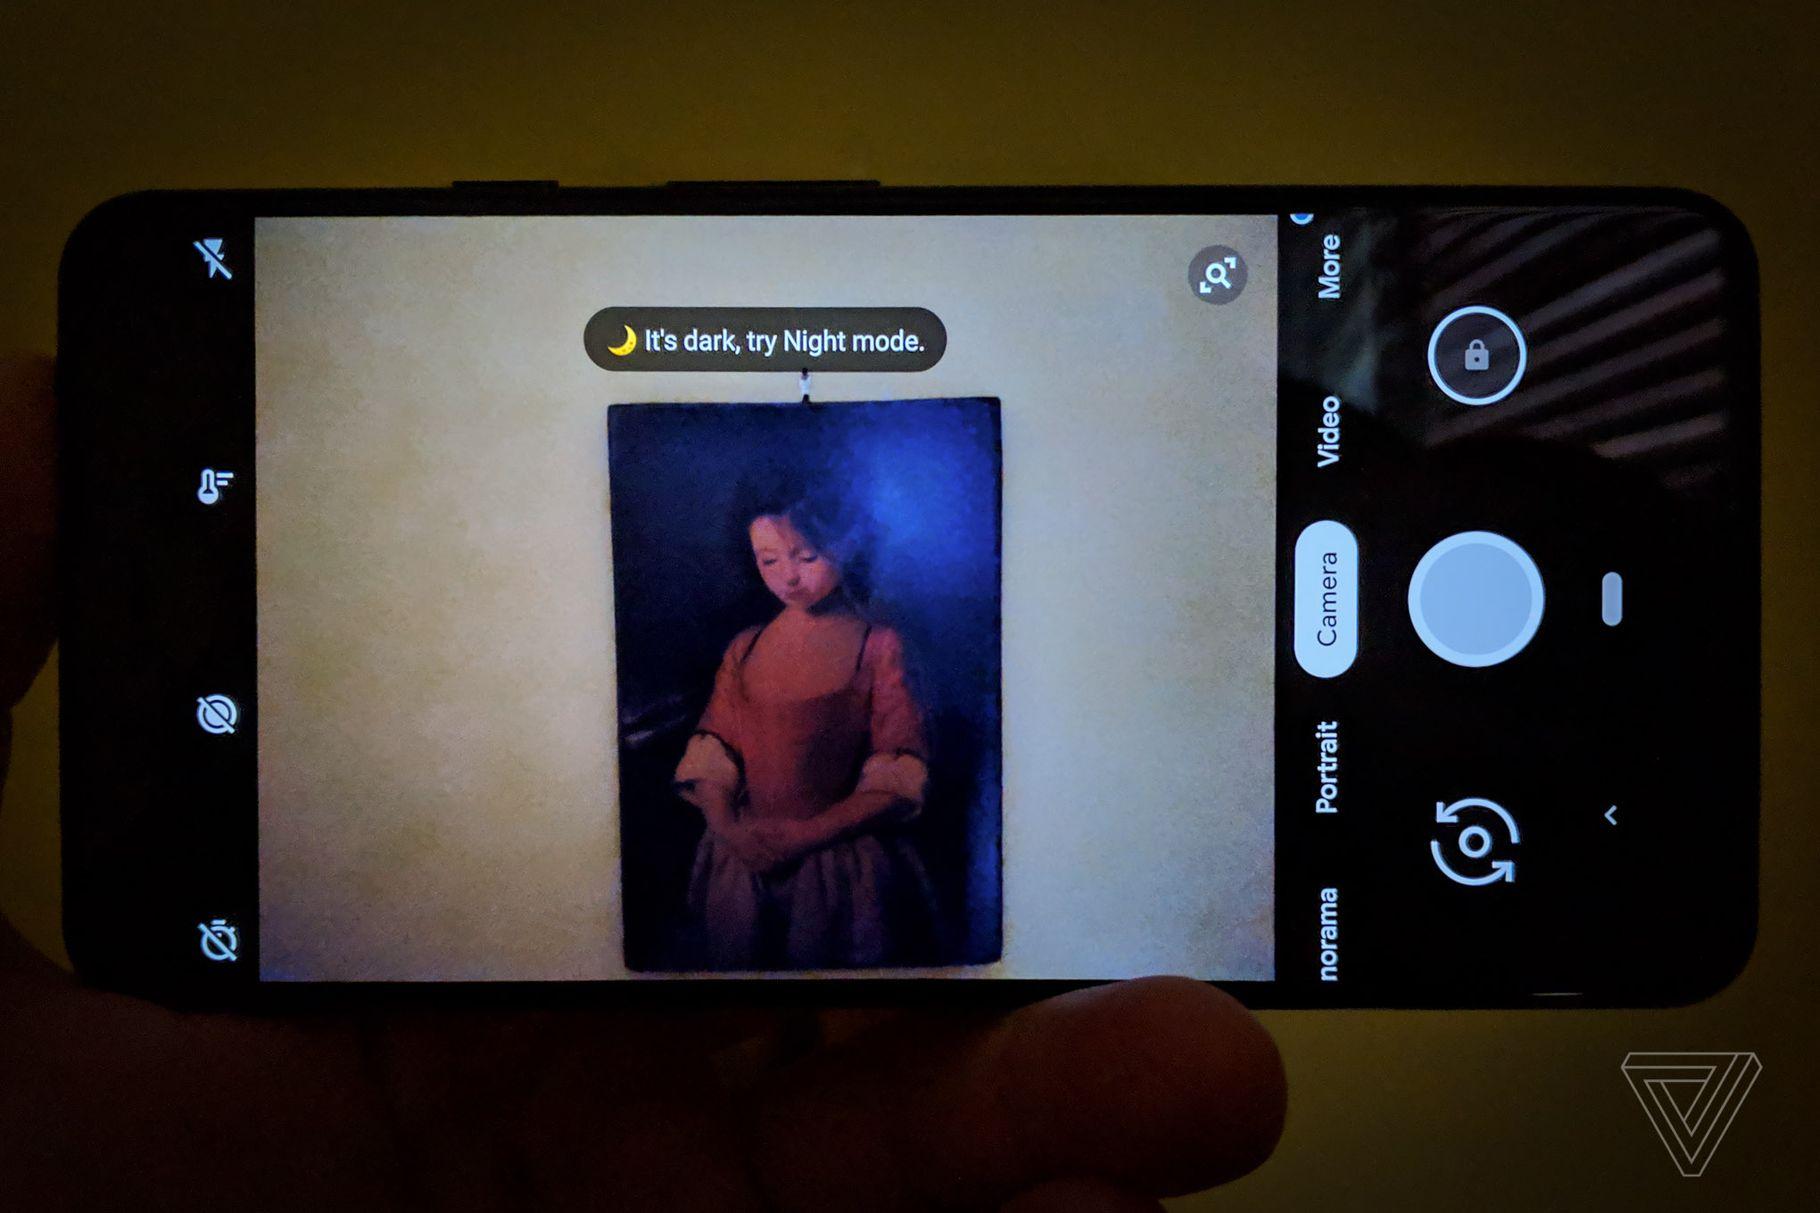 L'Intelligence Artificielle révolutionne la photo smartphone : l'exemple des clichés de nuit du Pixel 3 1